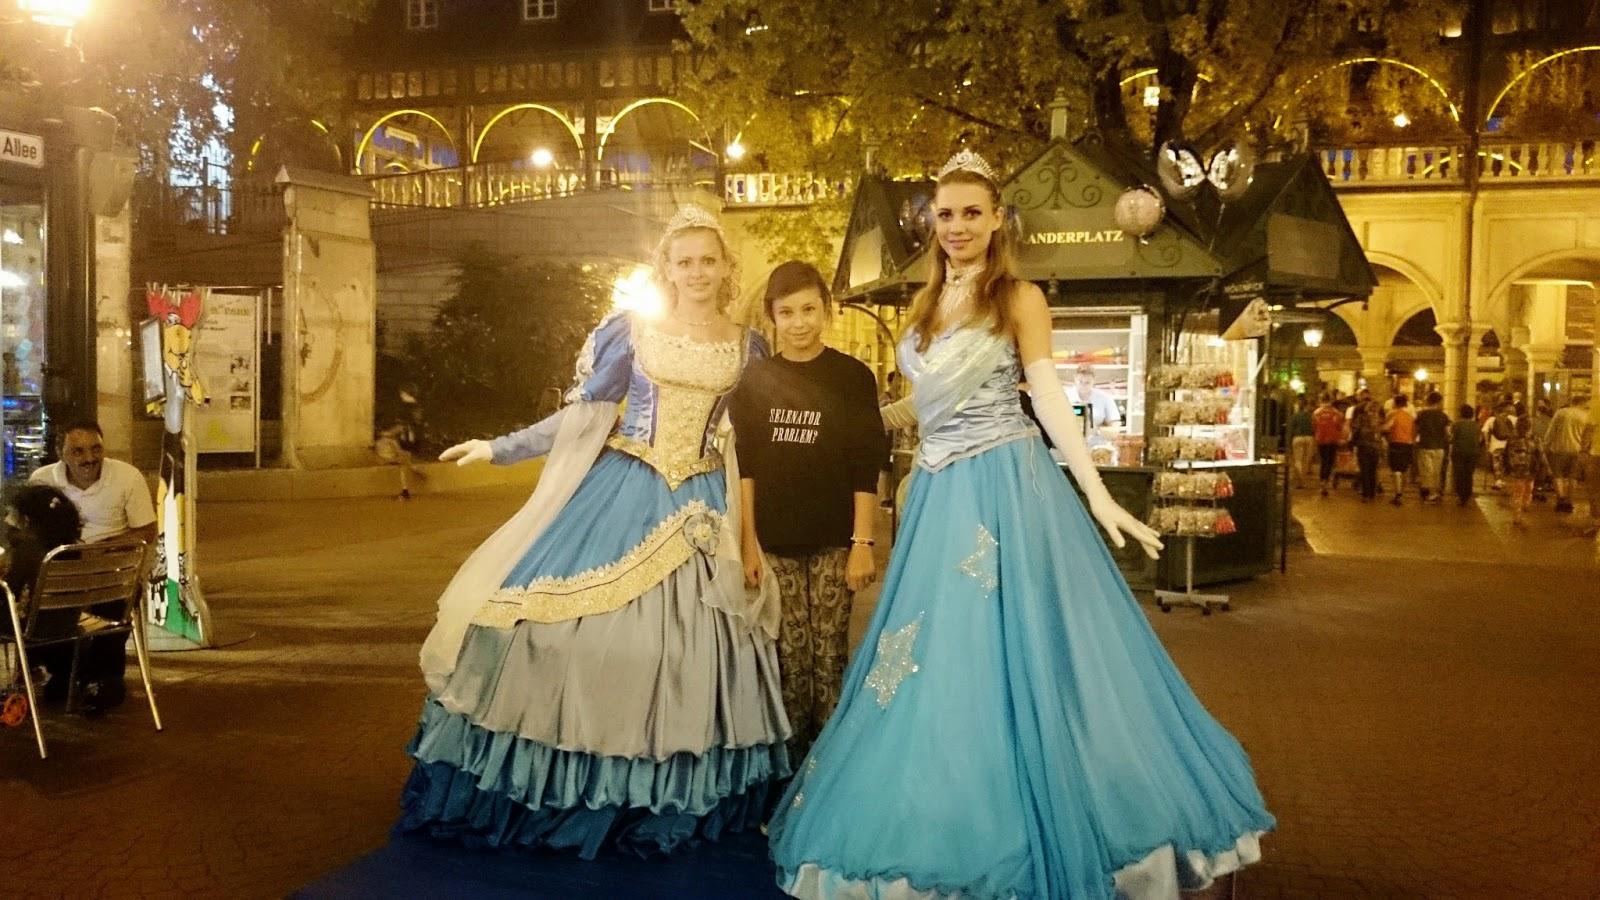 strój księżniczki,bal,europa park,disney,niemcy,suknia balowa